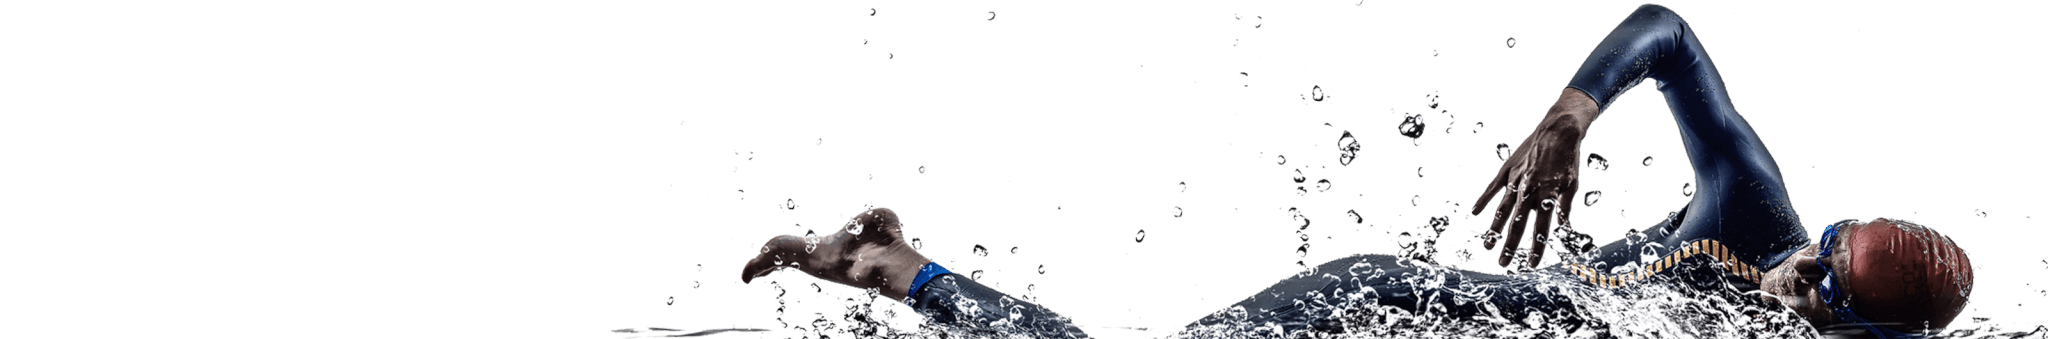 https://cpcelra.cat/wp-content/uploads/2017/10/inner_swimmer.png